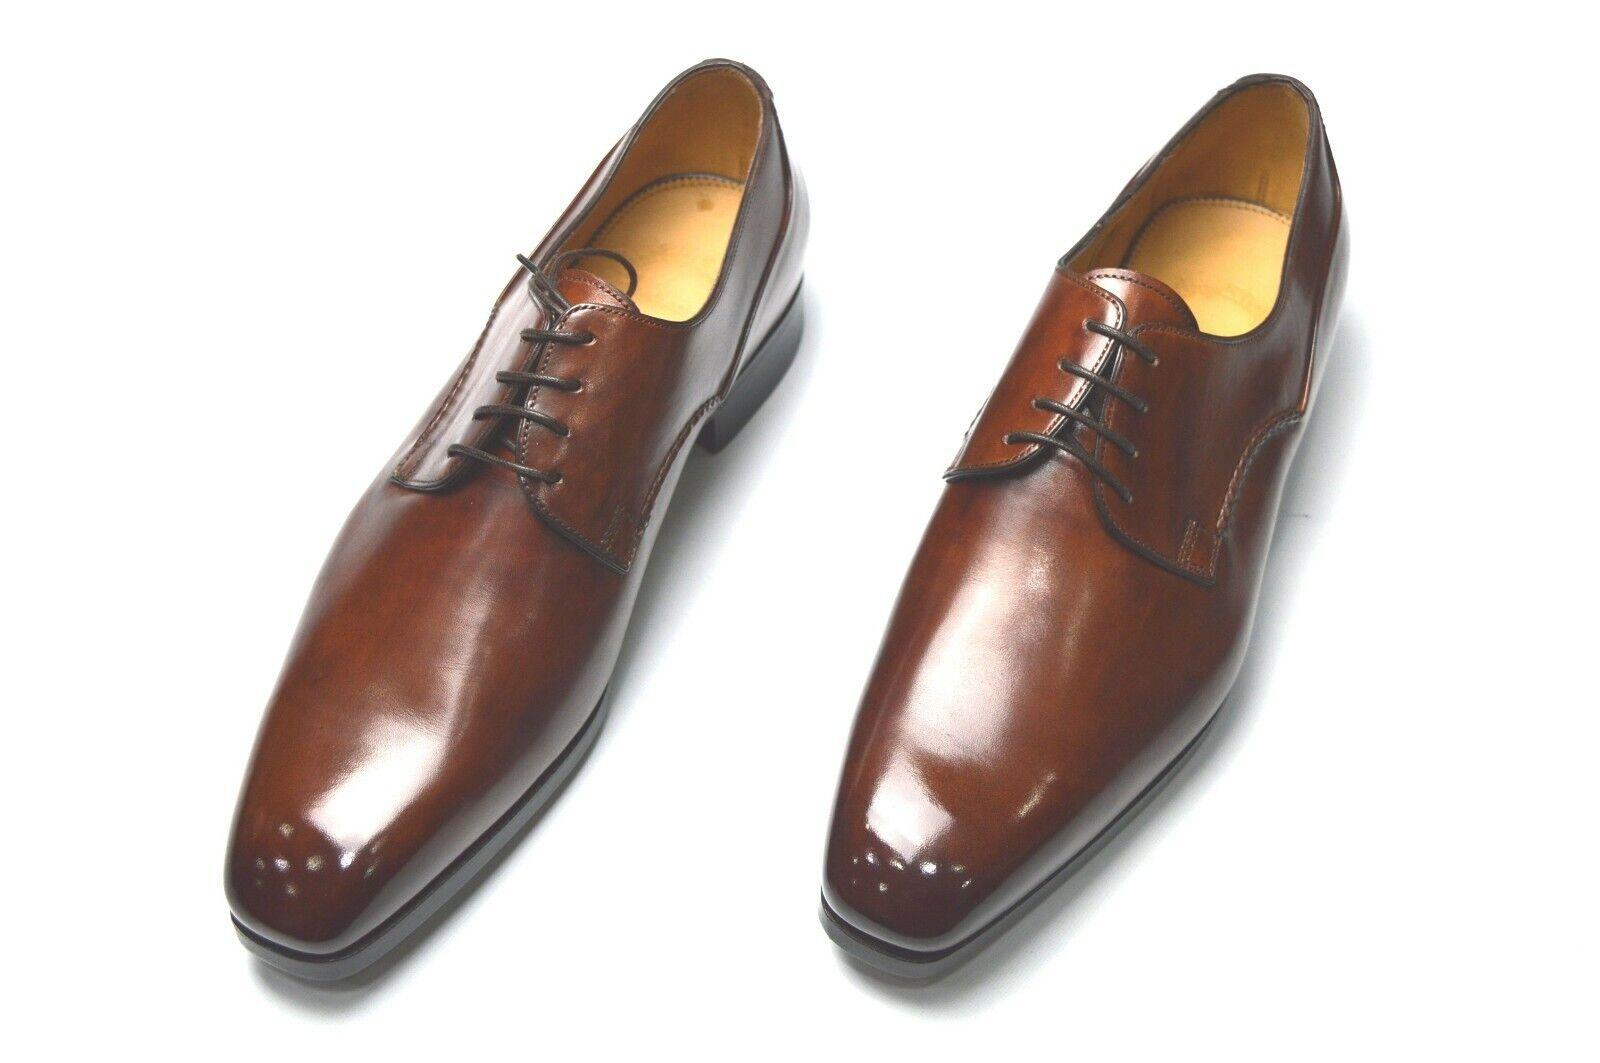 Nuevo Vestido 1600  Santoni Edición Limitada Zapatos Talla nos 10 (Led1)